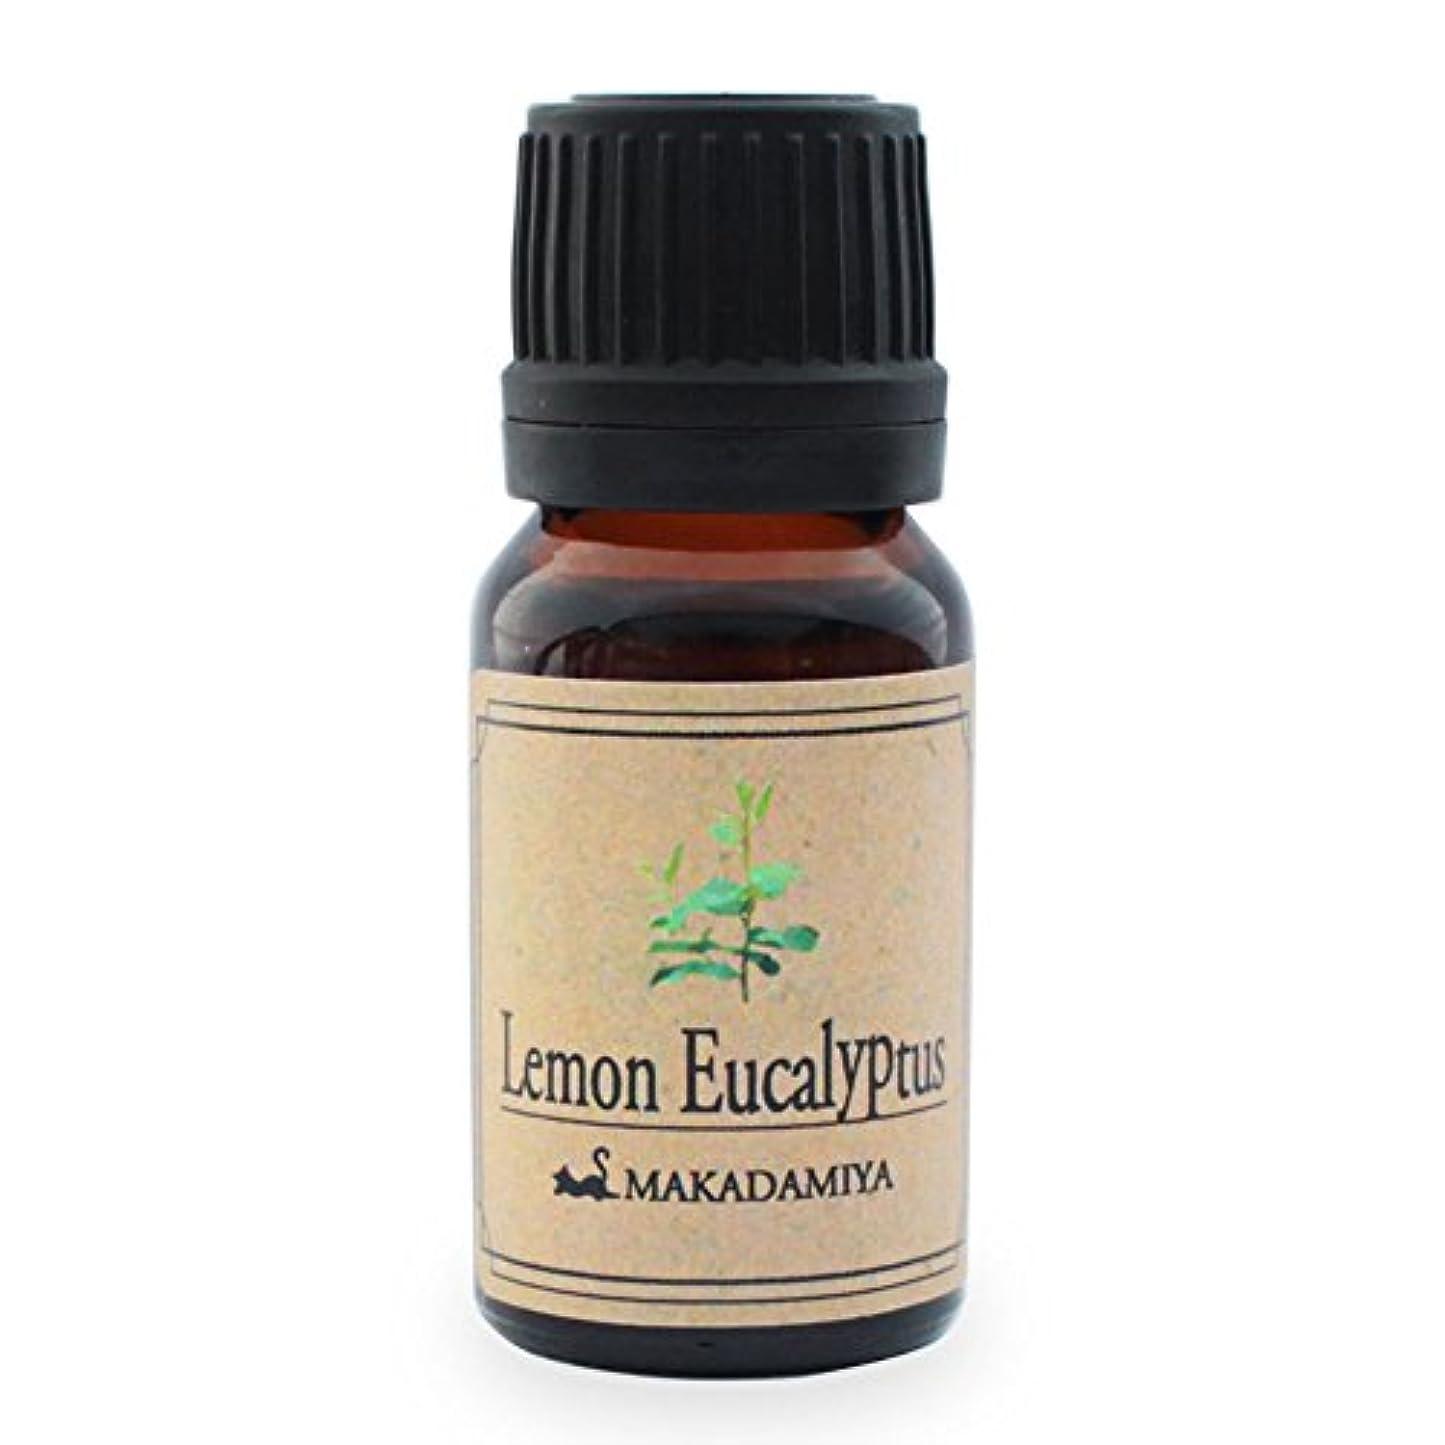 まろやかな石の甘やかすレモンユーカリ10ml 天然100%植物性 エッセンシャルオイル(精油) アロマオイル アロママッサージ aroma Eucalyptus Citriodora